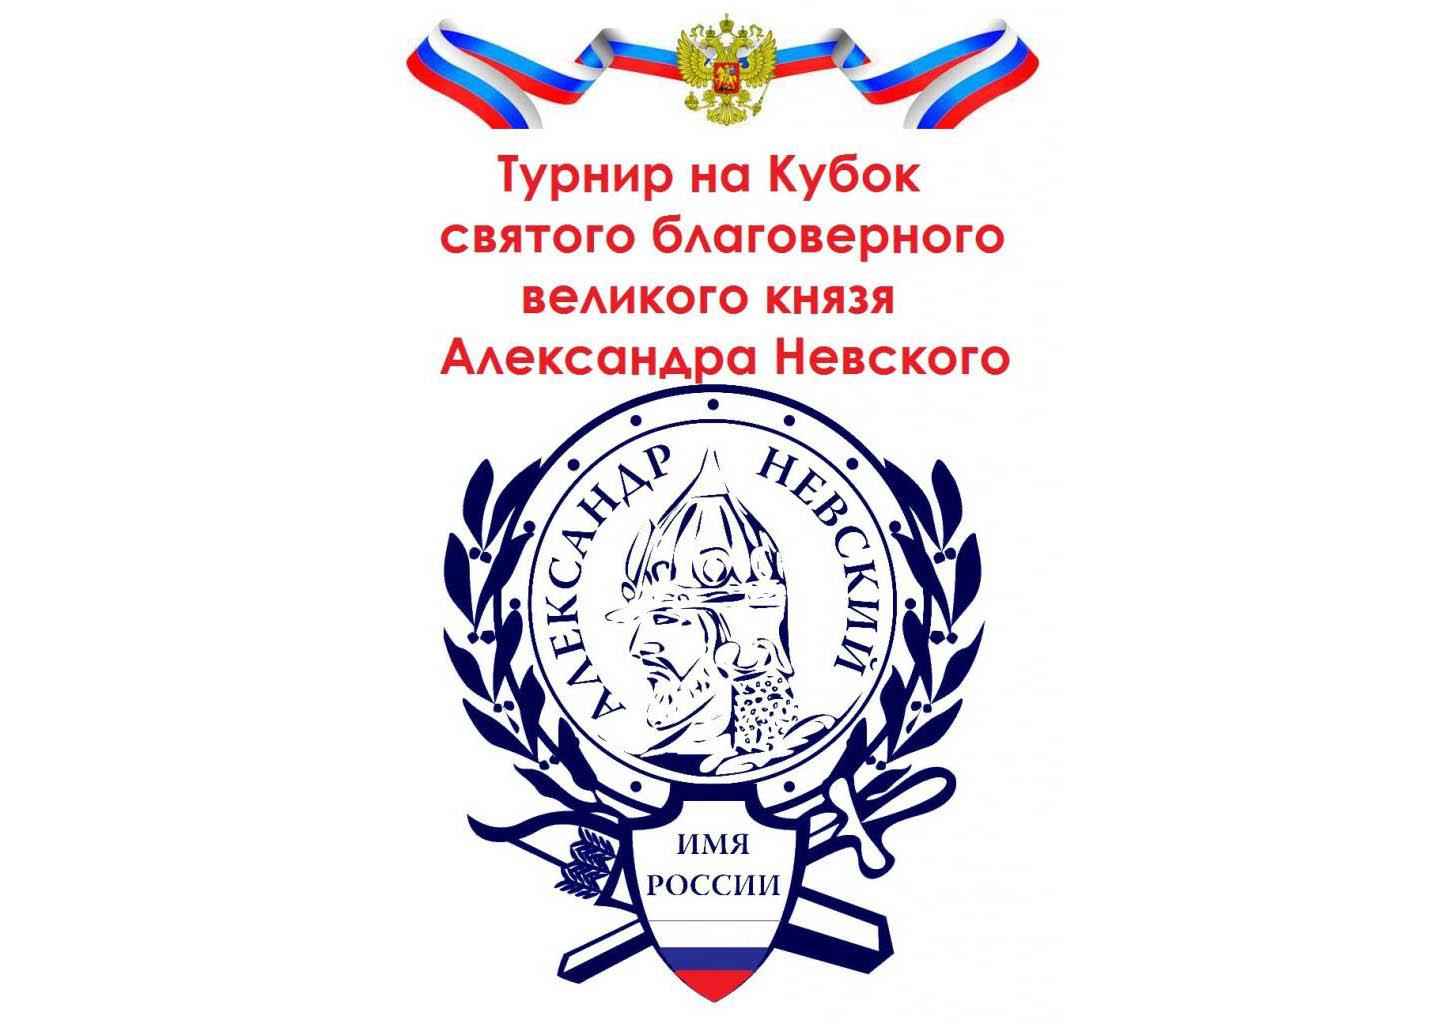 Юношеский турнир на Кубок Александра Невского